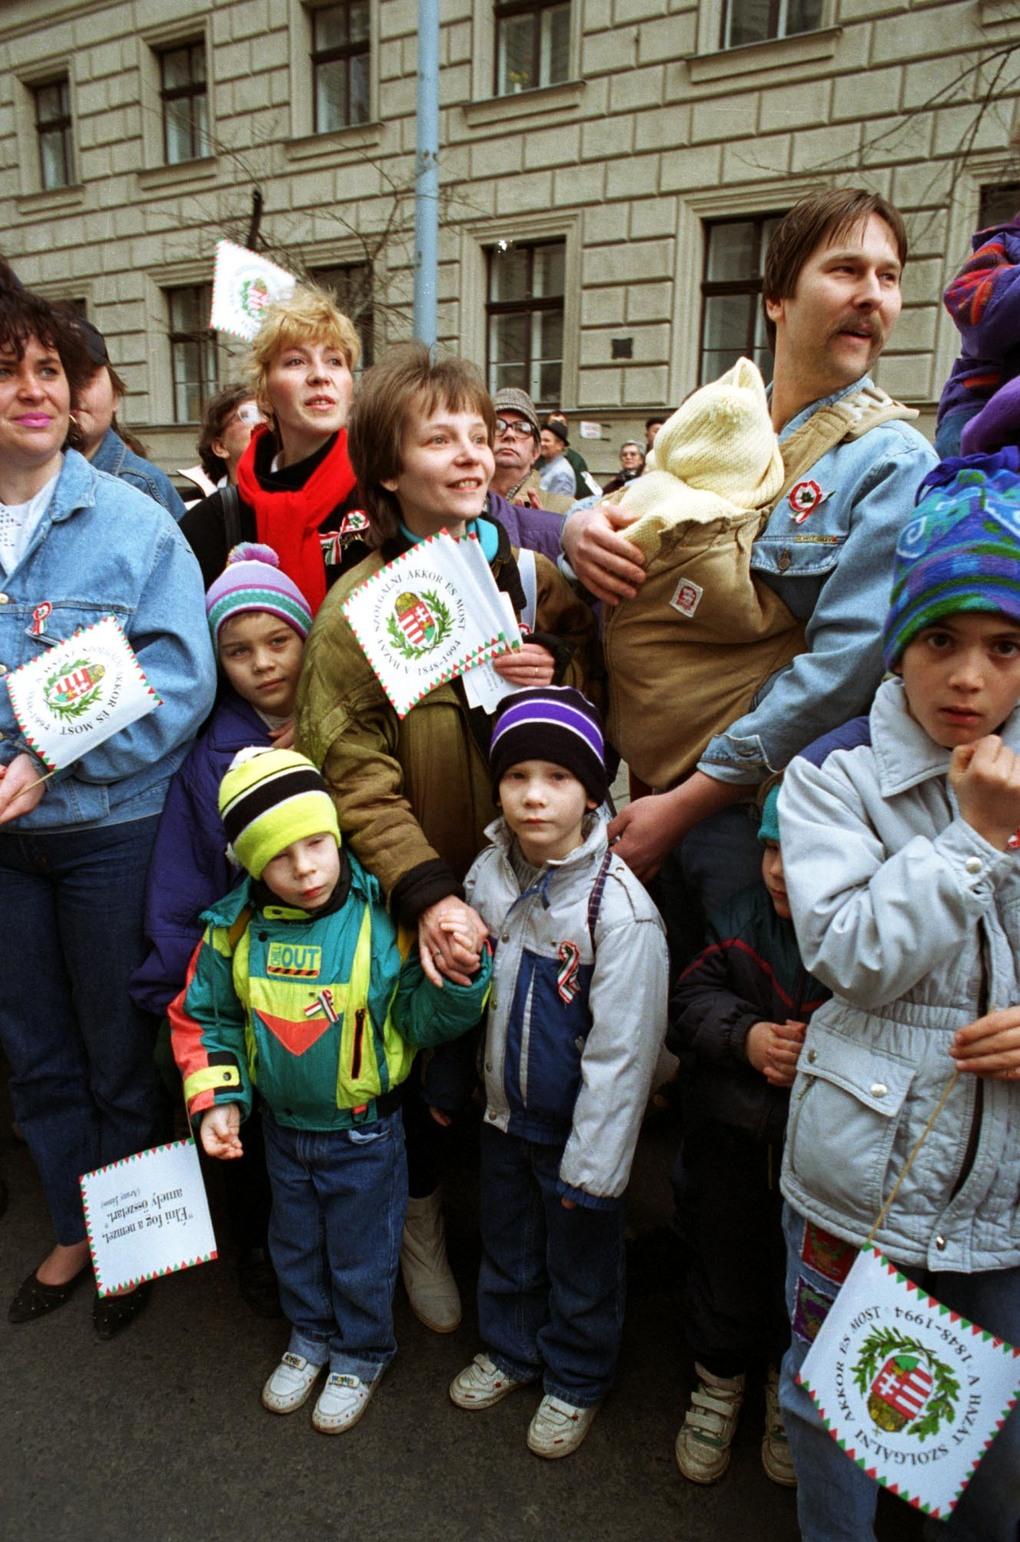 Budapest, 1994. március 15. Koszorúzás a Kossuth téren. A Kossuth téren ünnepélyes zászlófelvonással kezdődtek meg a március 15-i ünnepségsorozat központi rendezvényei. A parlament előtt Kossuth lajos halálának 100. évfordulója alkalmából Göncz Árpád köztársasági elnök, Szabad György az Országgyűlés elnöke és Boross Péter miniszterelnök elhelyezte a tisztelet és megemlékezés koszorúit az 1848-as forradalom és szabadságharc kiemelkedő alakjának szobránál. Az ünneplő tömeg. MTI Fotó: Földi Imre